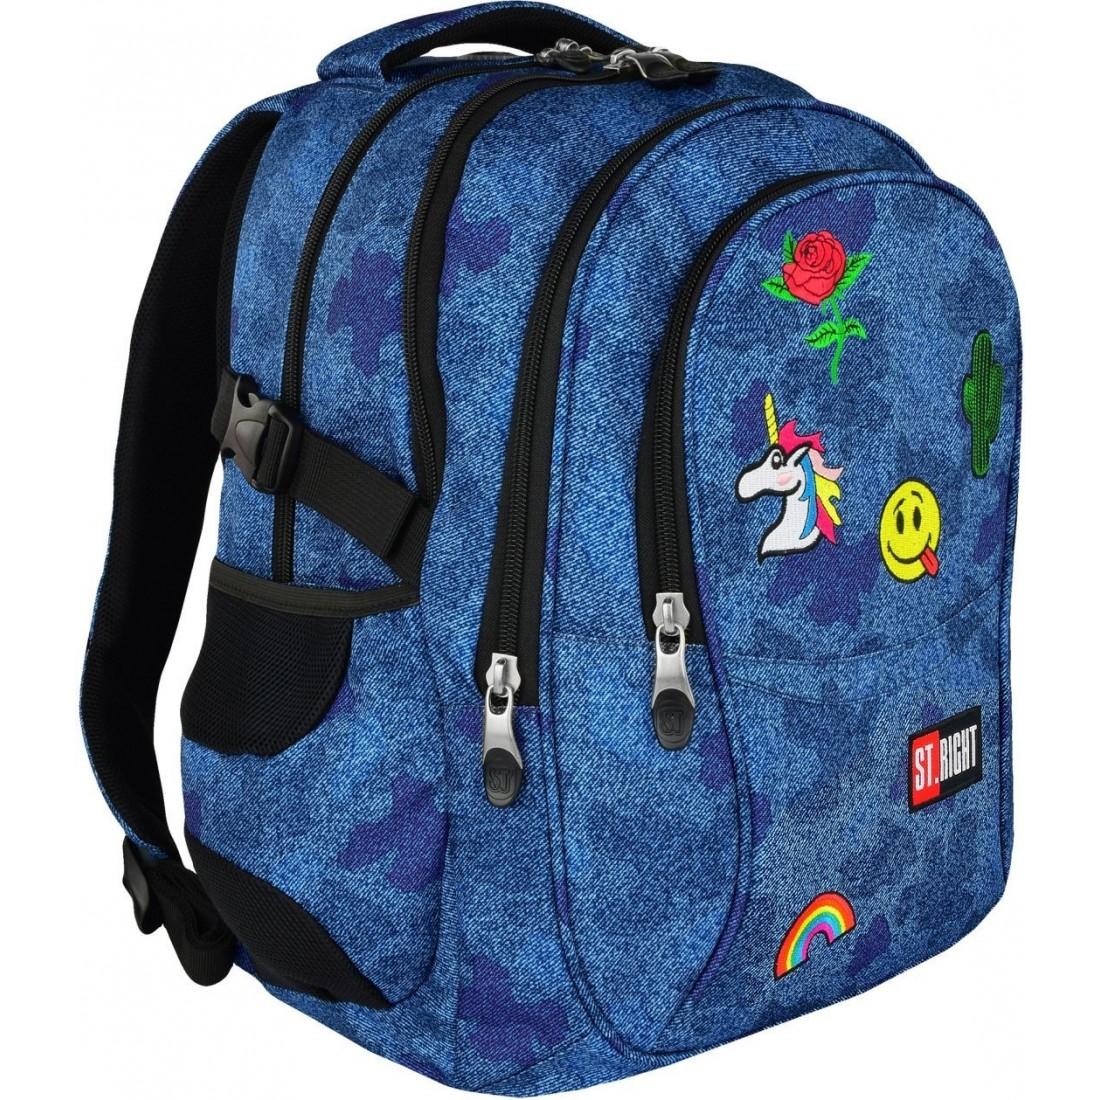 303f173f257ca Plecak szkolny ST.RIGHT JEANS   BADGES niebieski dżins i naszywki  młodzieżowy